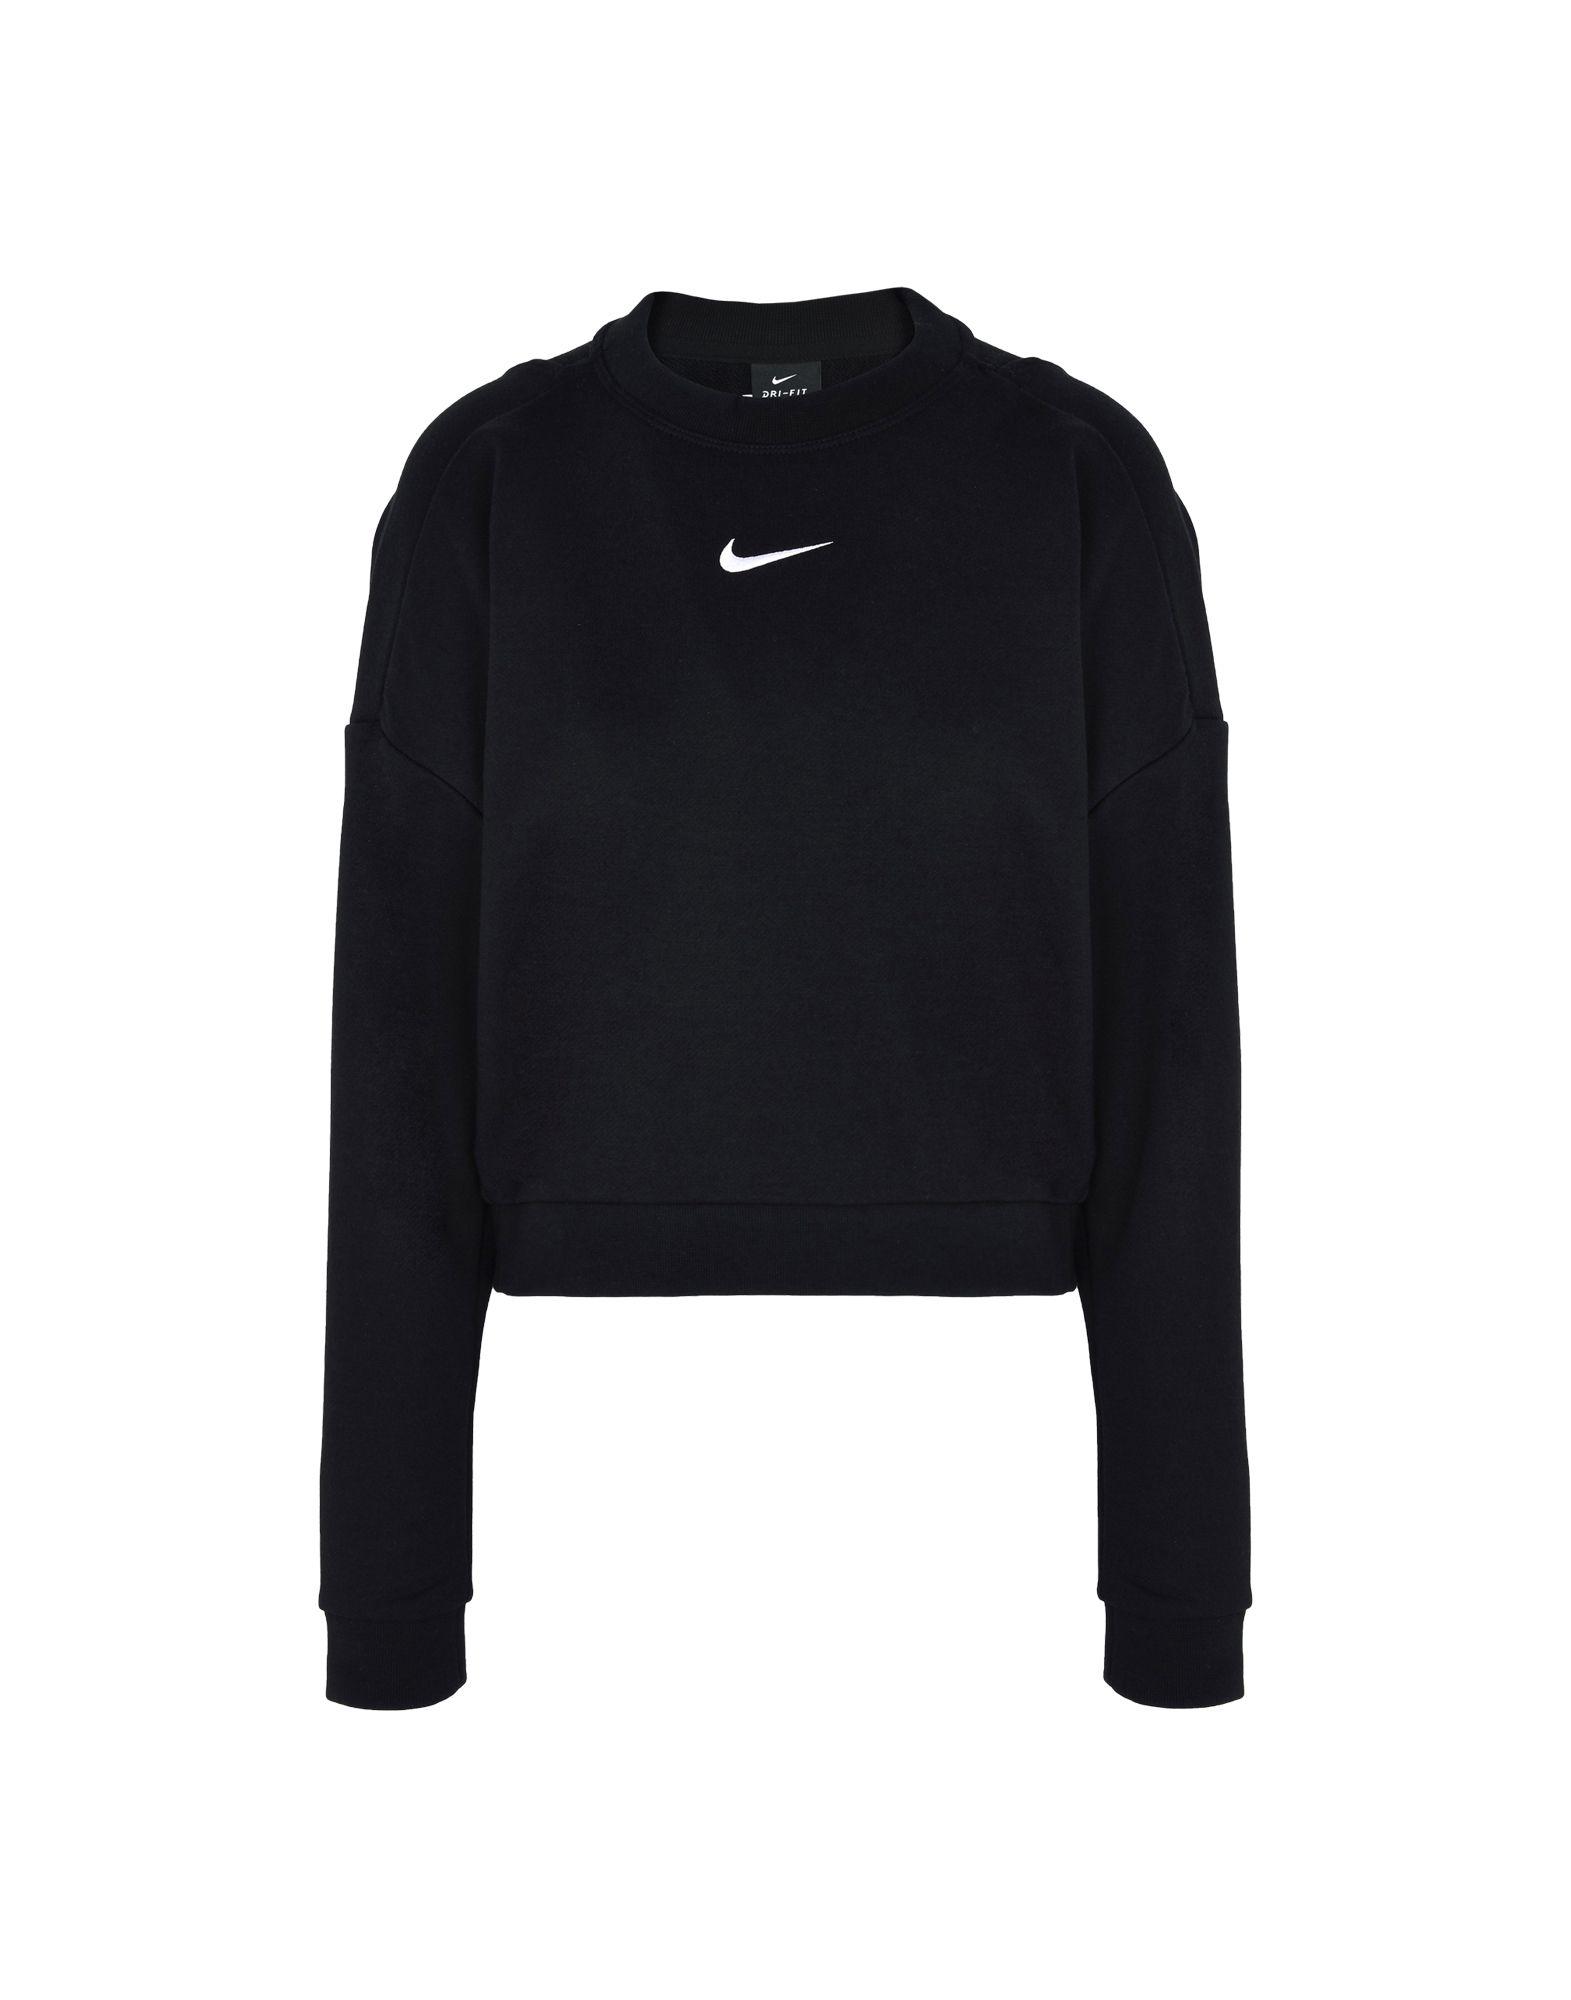 meet 9bc6c 32d9a NIKE Sweatshirt - Jumpers and Sweatshirts | YOOX.COM